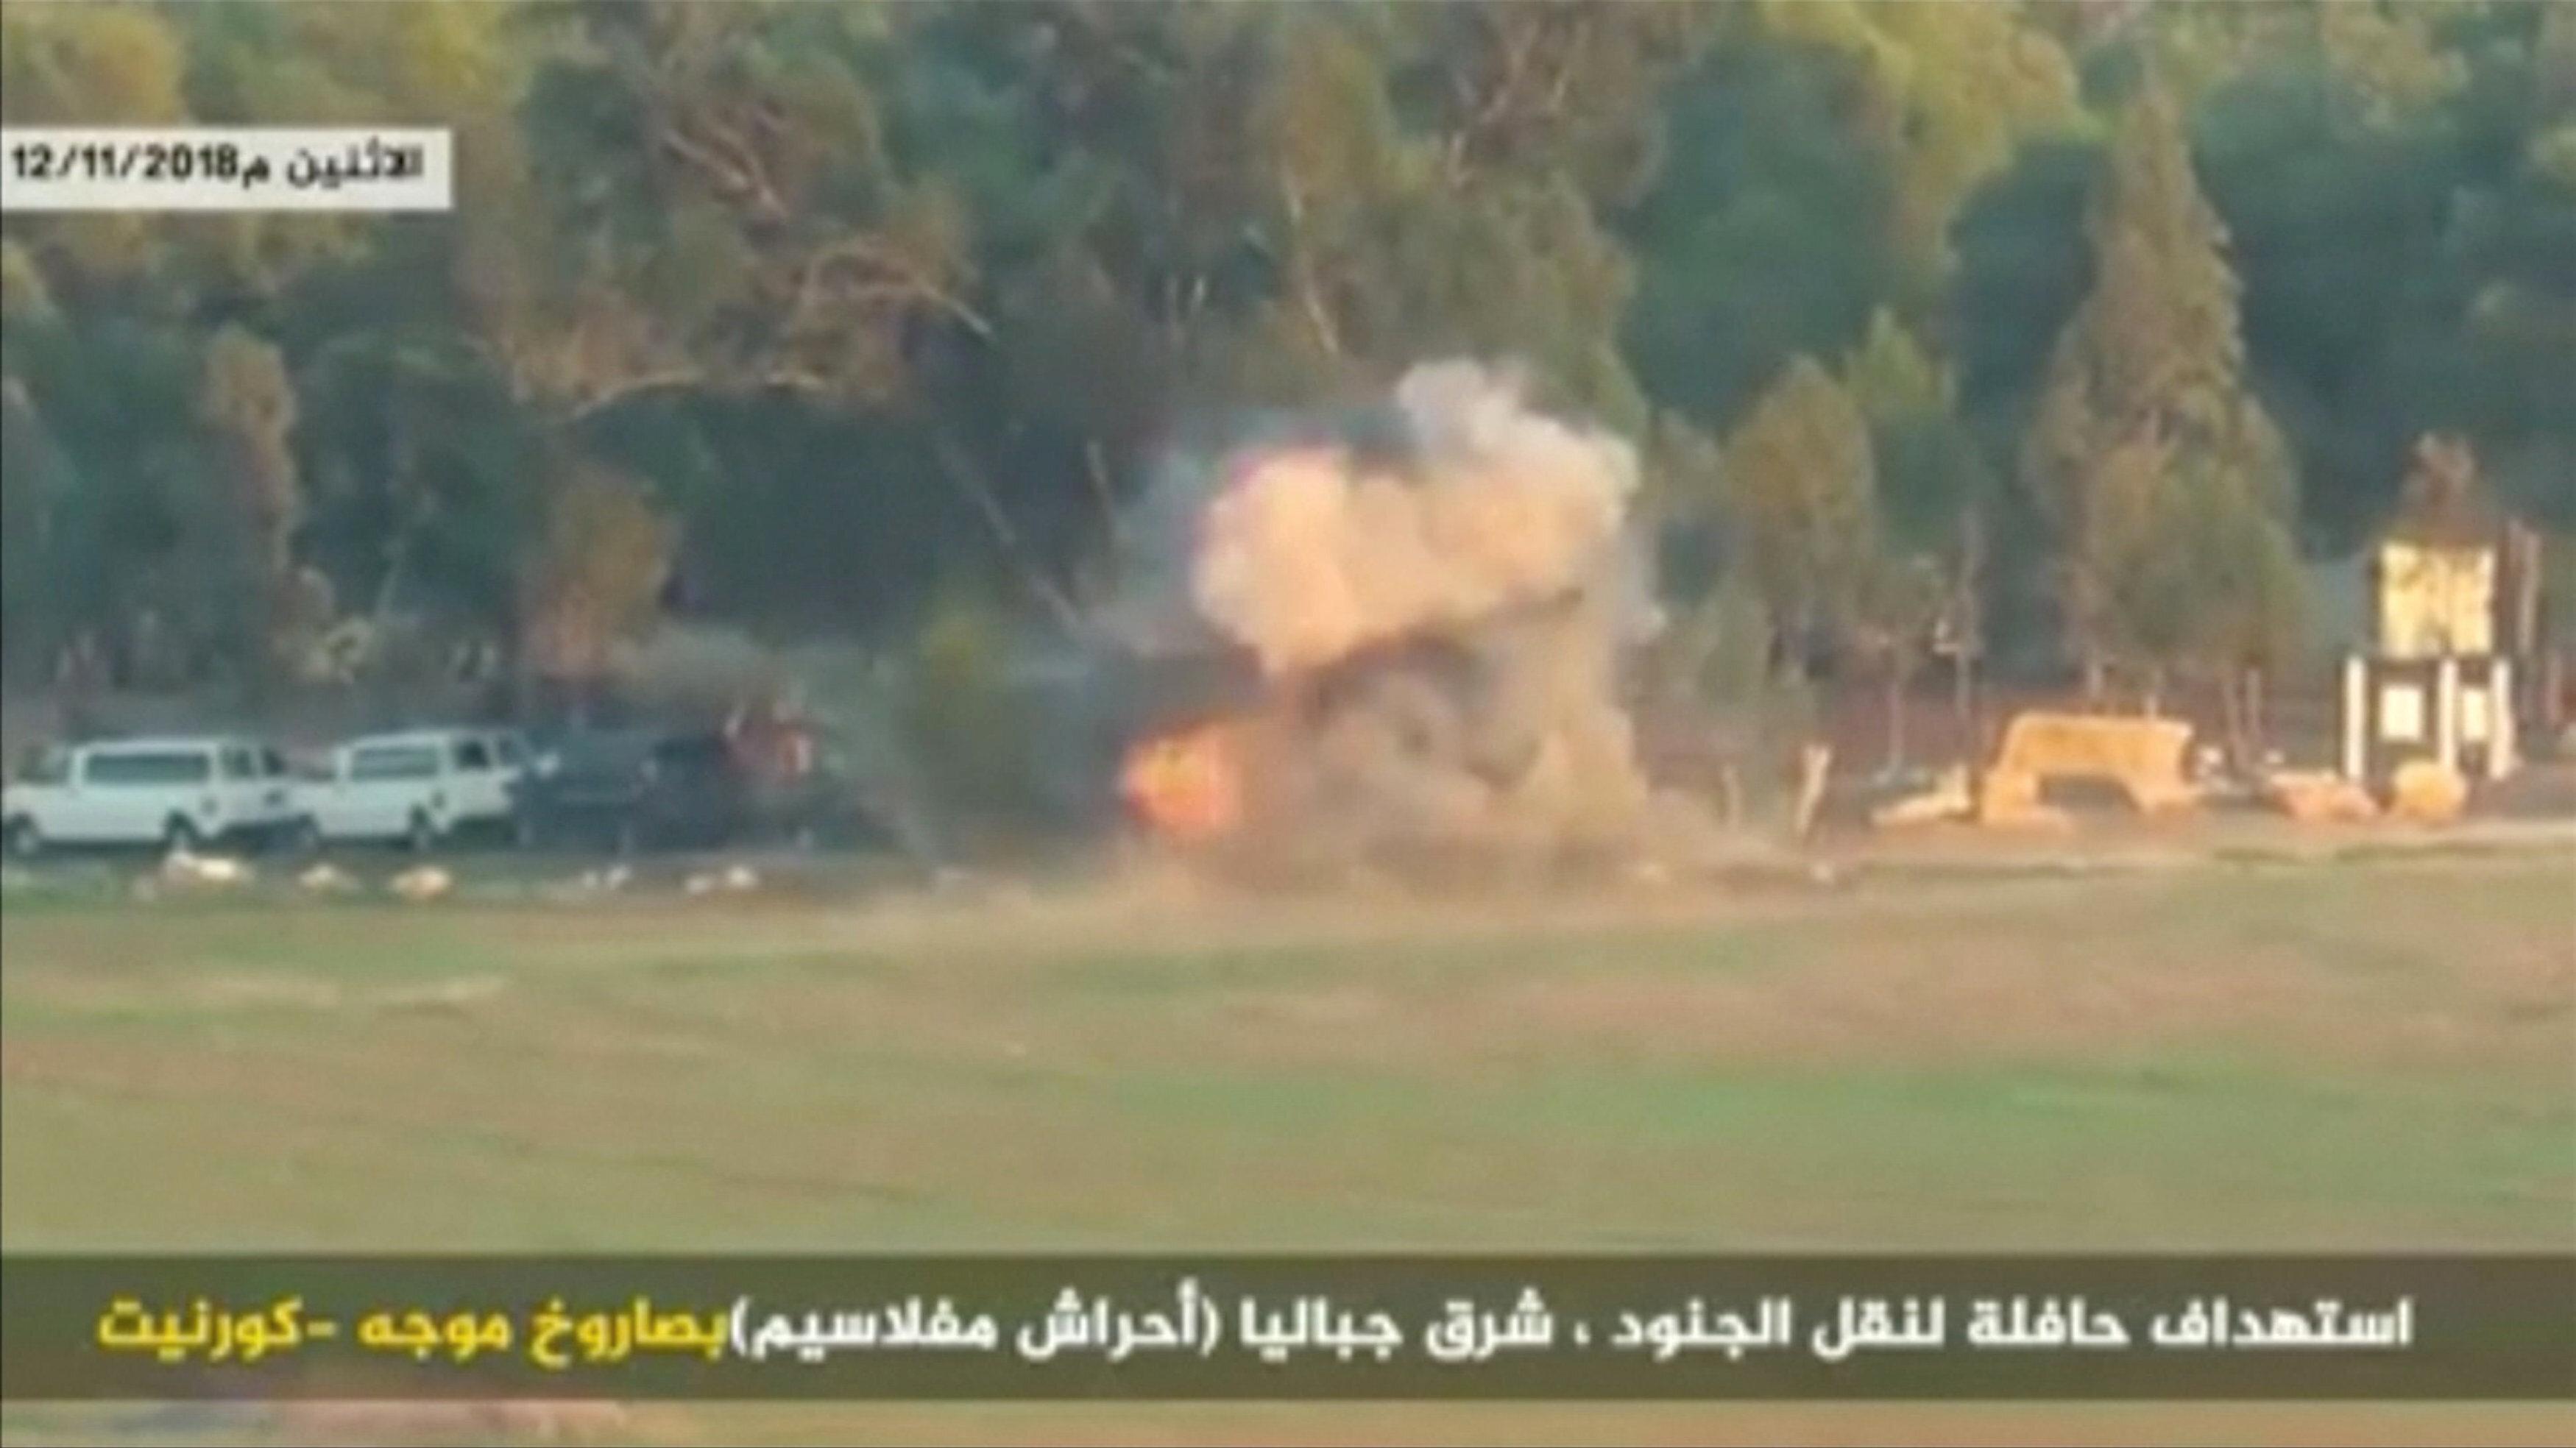 Filistinli direniş hareketlerinin yaptığı saldırılar sonucu İsrail devletine ait bir askeri otobüs vuruldu.